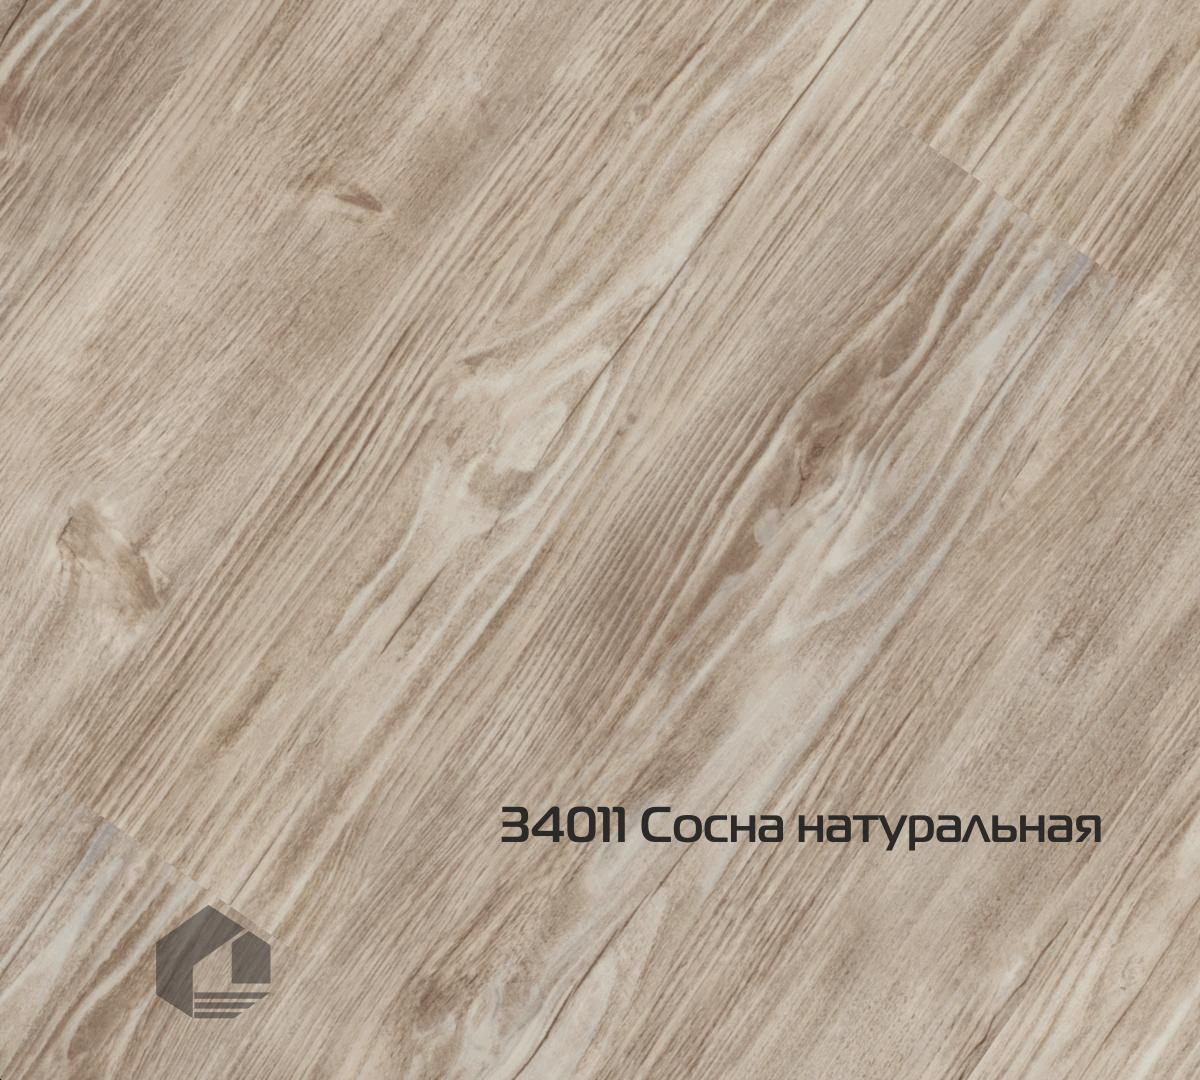 Виниловая плитка ПВХ Forbo Effekta Standart FES-34011 Сосна натуральная (940*140*2) 23шт/3,03 м2